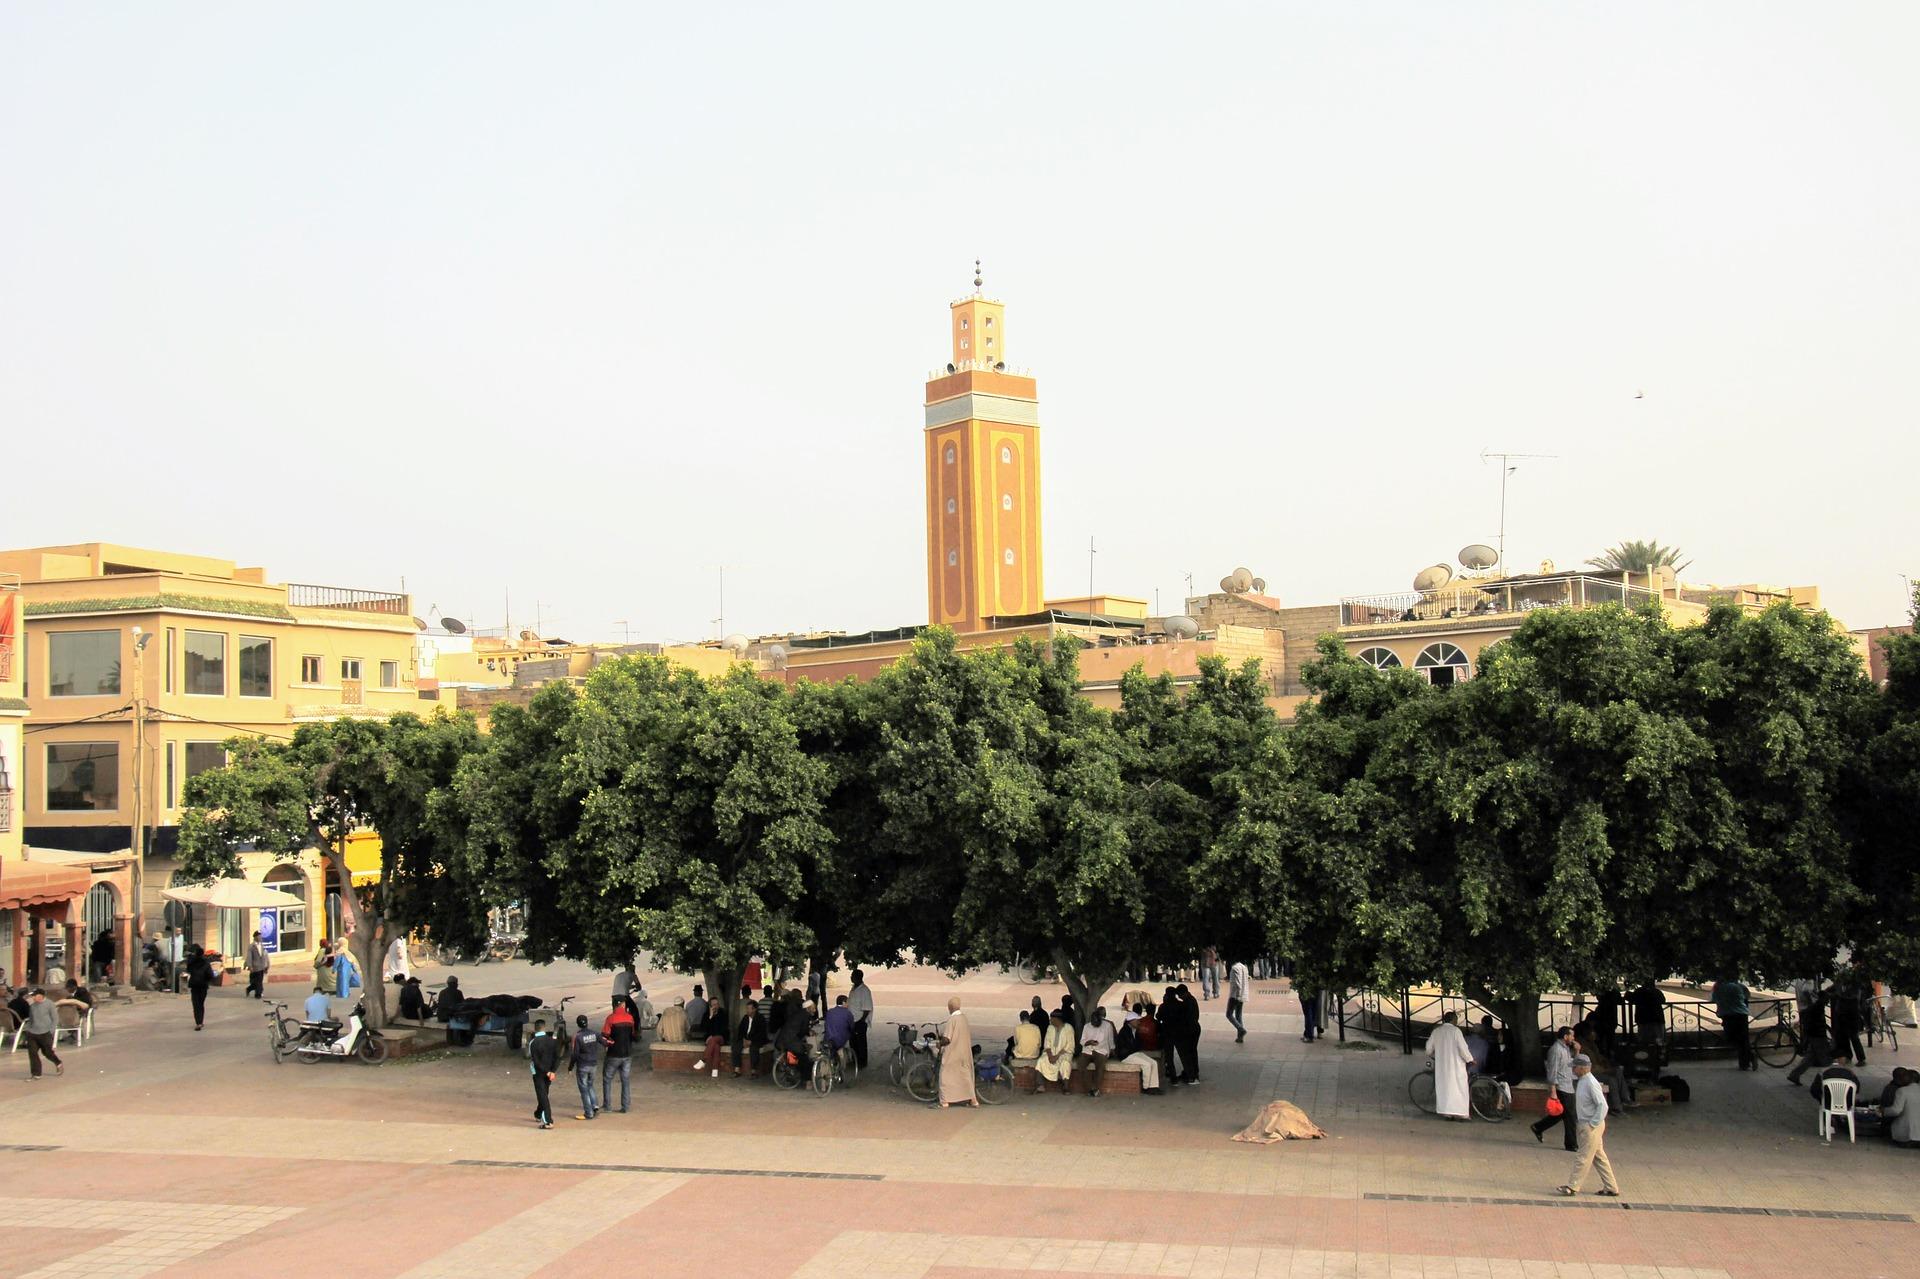 essaouira-morocco-2291037_1920